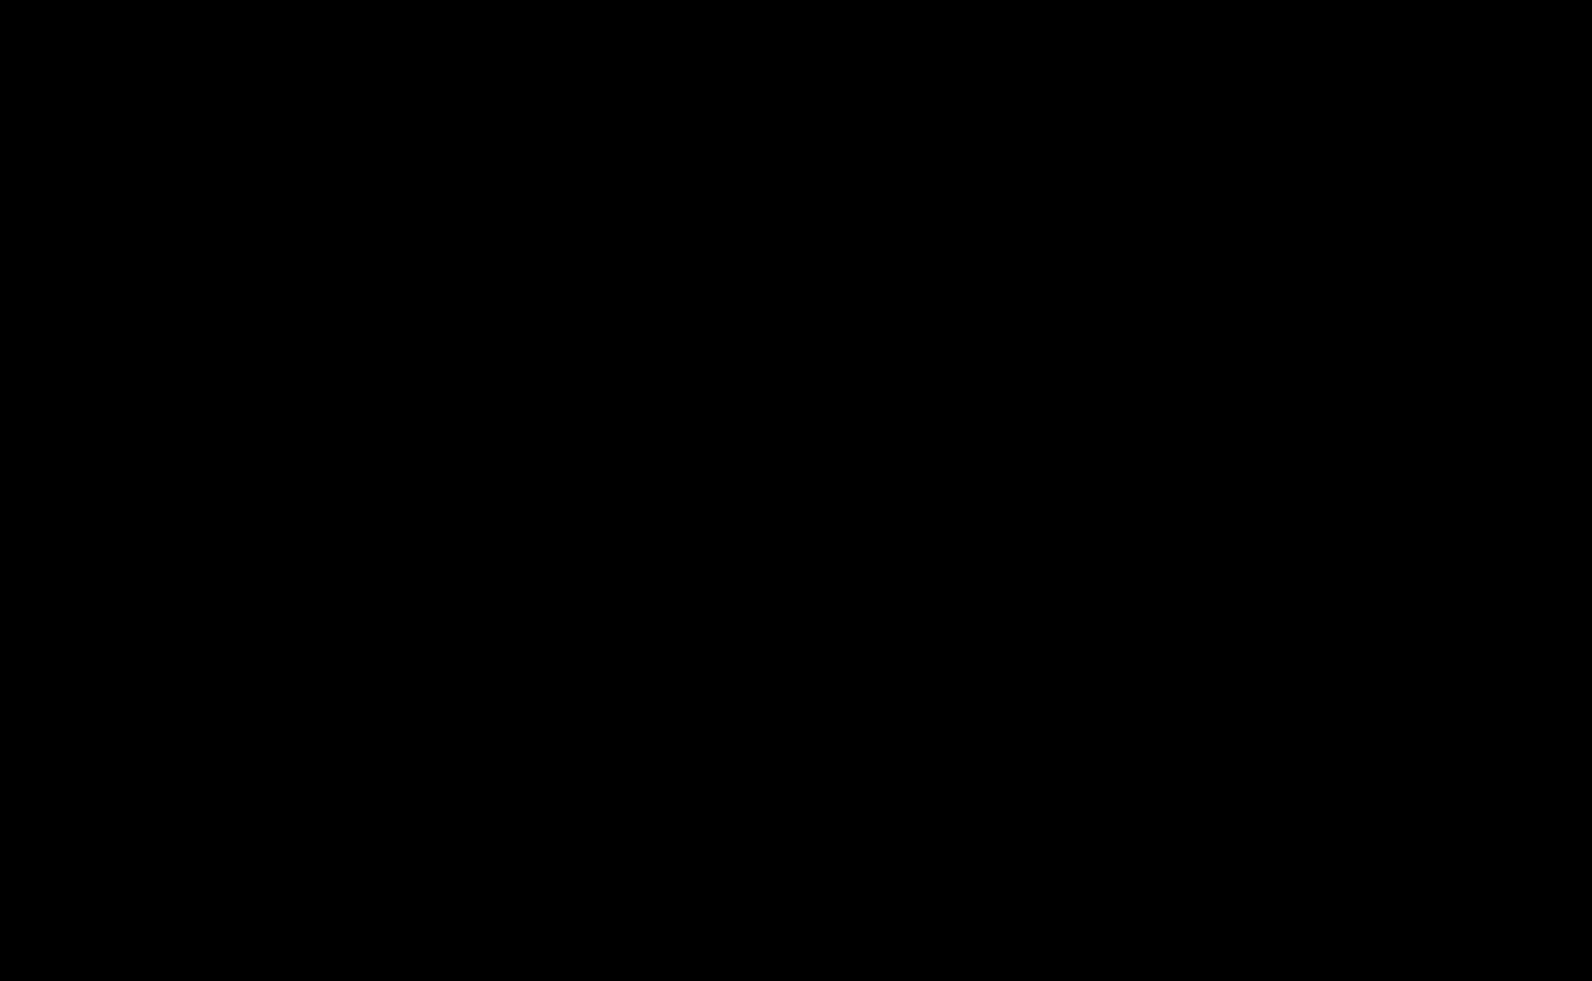 RADNI SUSRET U MINISTARSTVU R. SJEVERNE MAKEDONIJE SA AMBASADORIMA IZ REGIONA O NESMETANOM TRANSPORTU ROBA